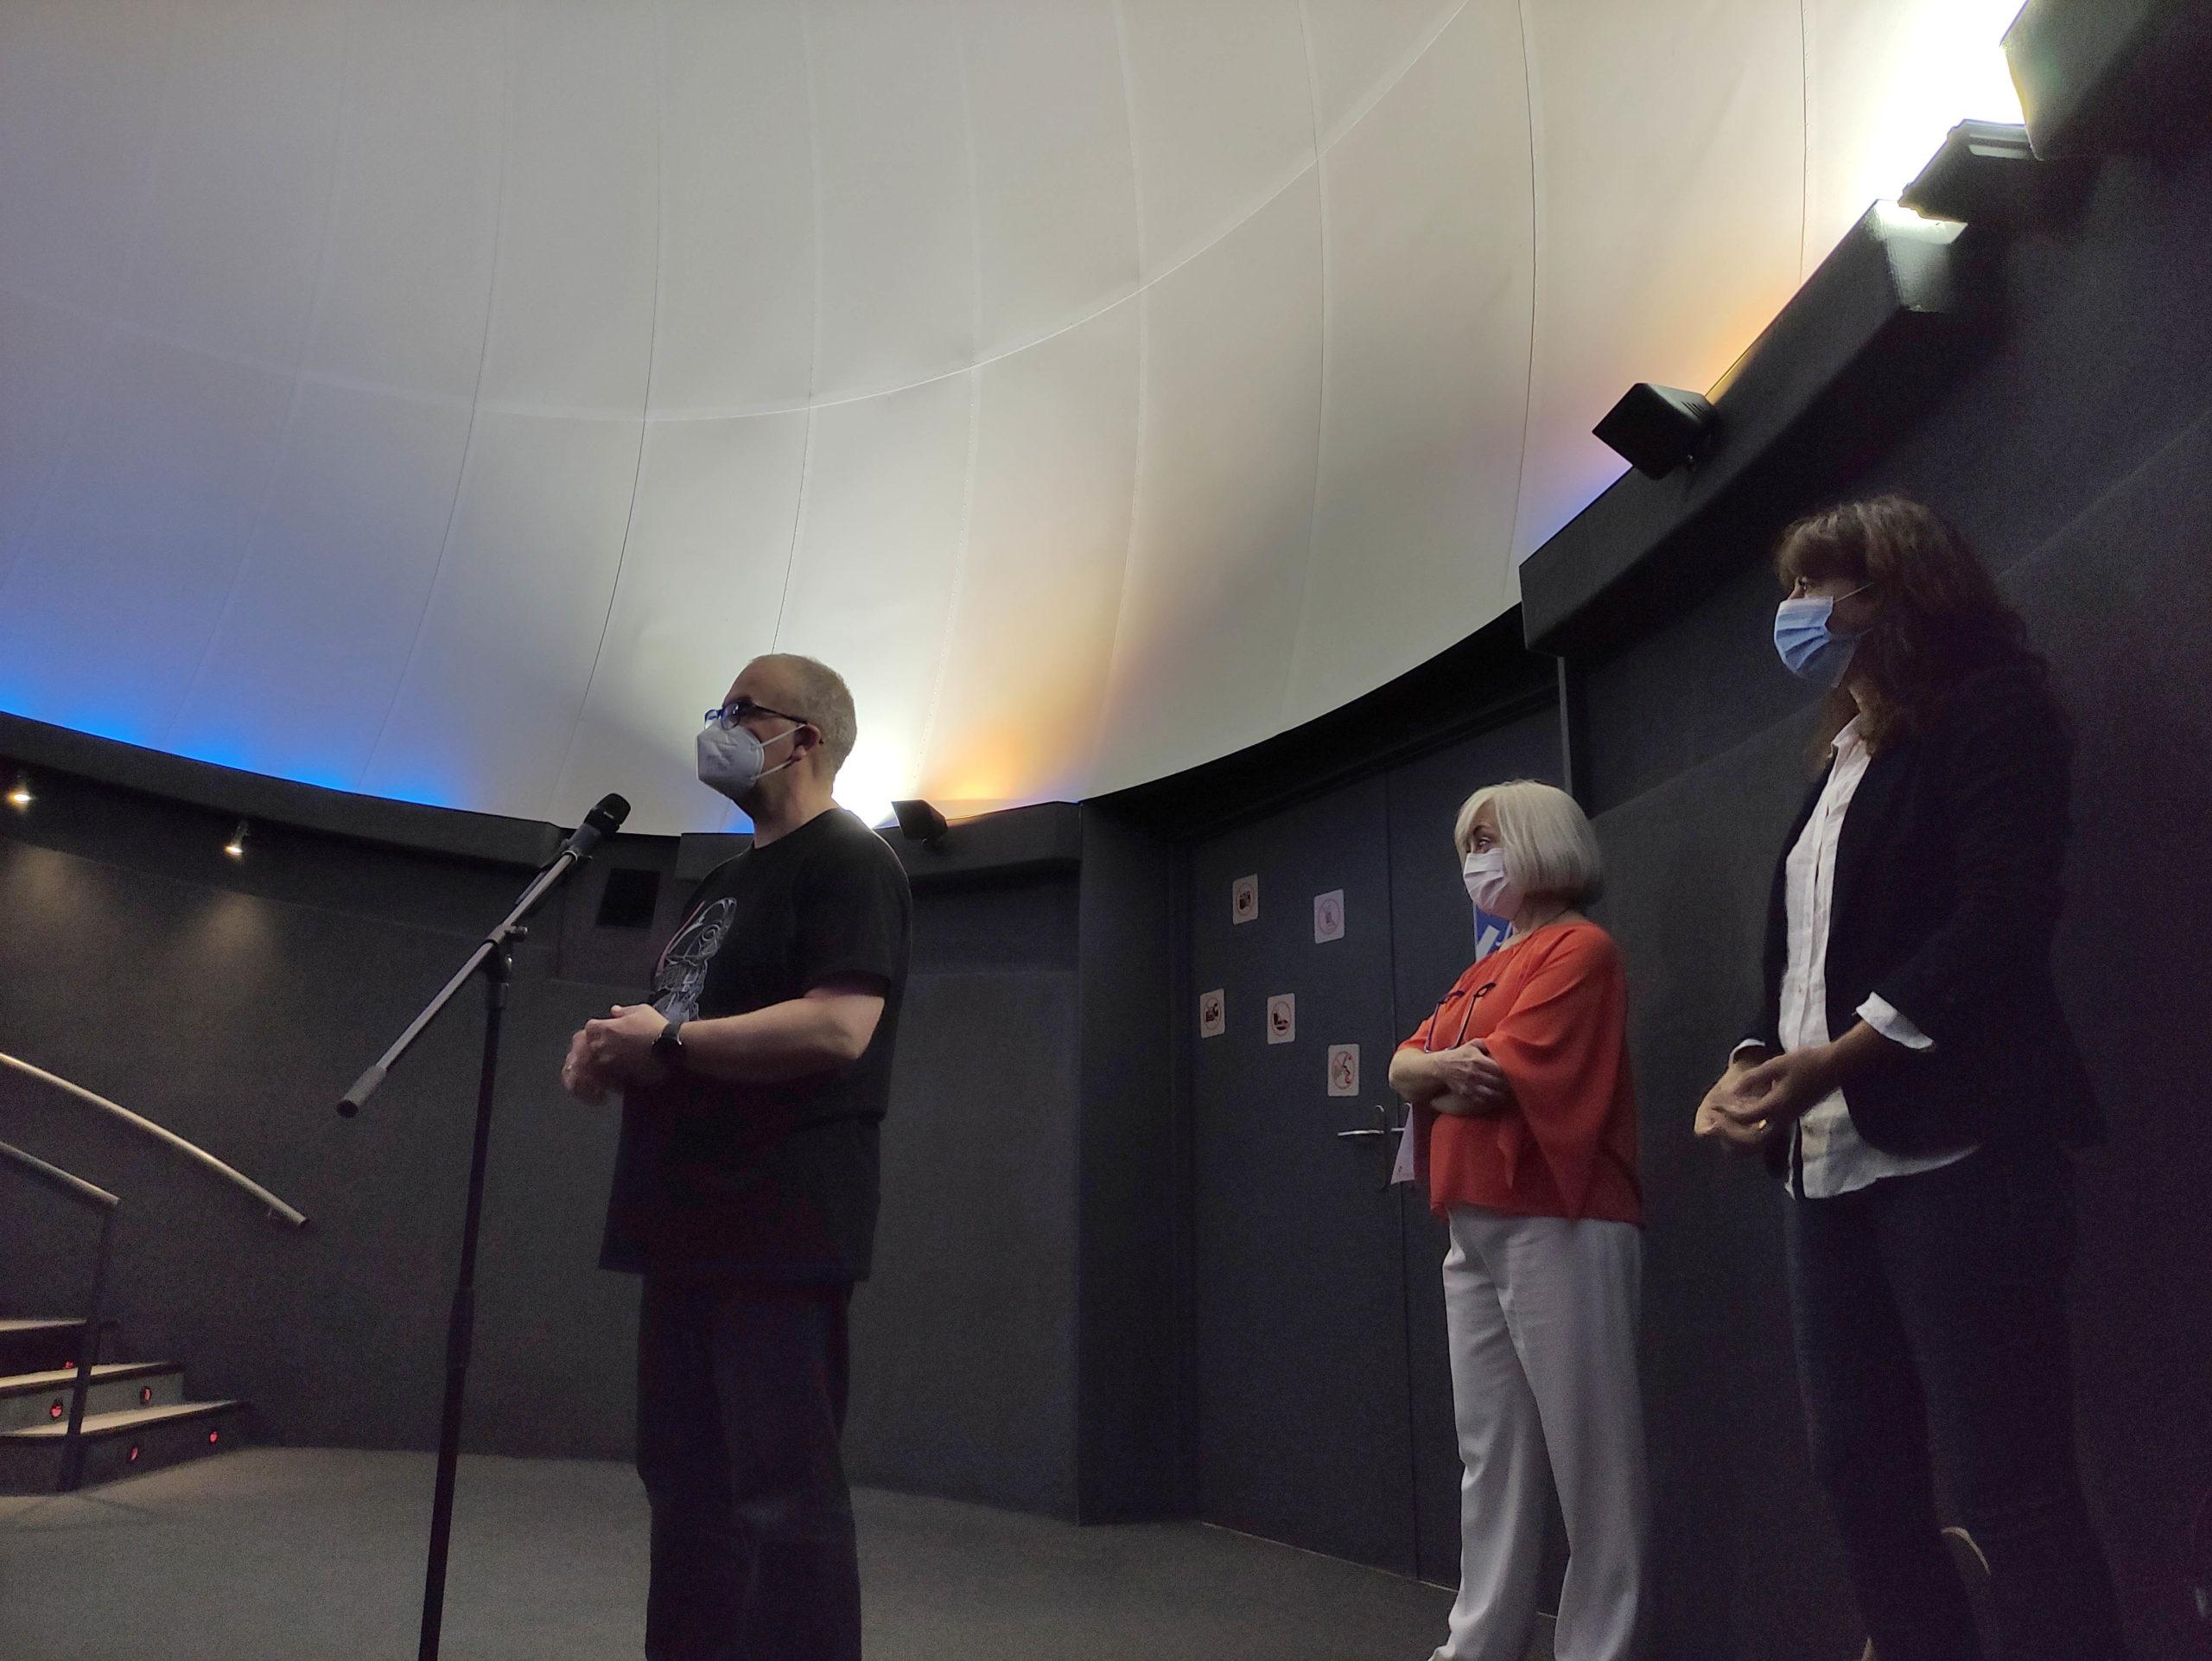 Presentación 'Mismas estrellas, diferentes miradas'